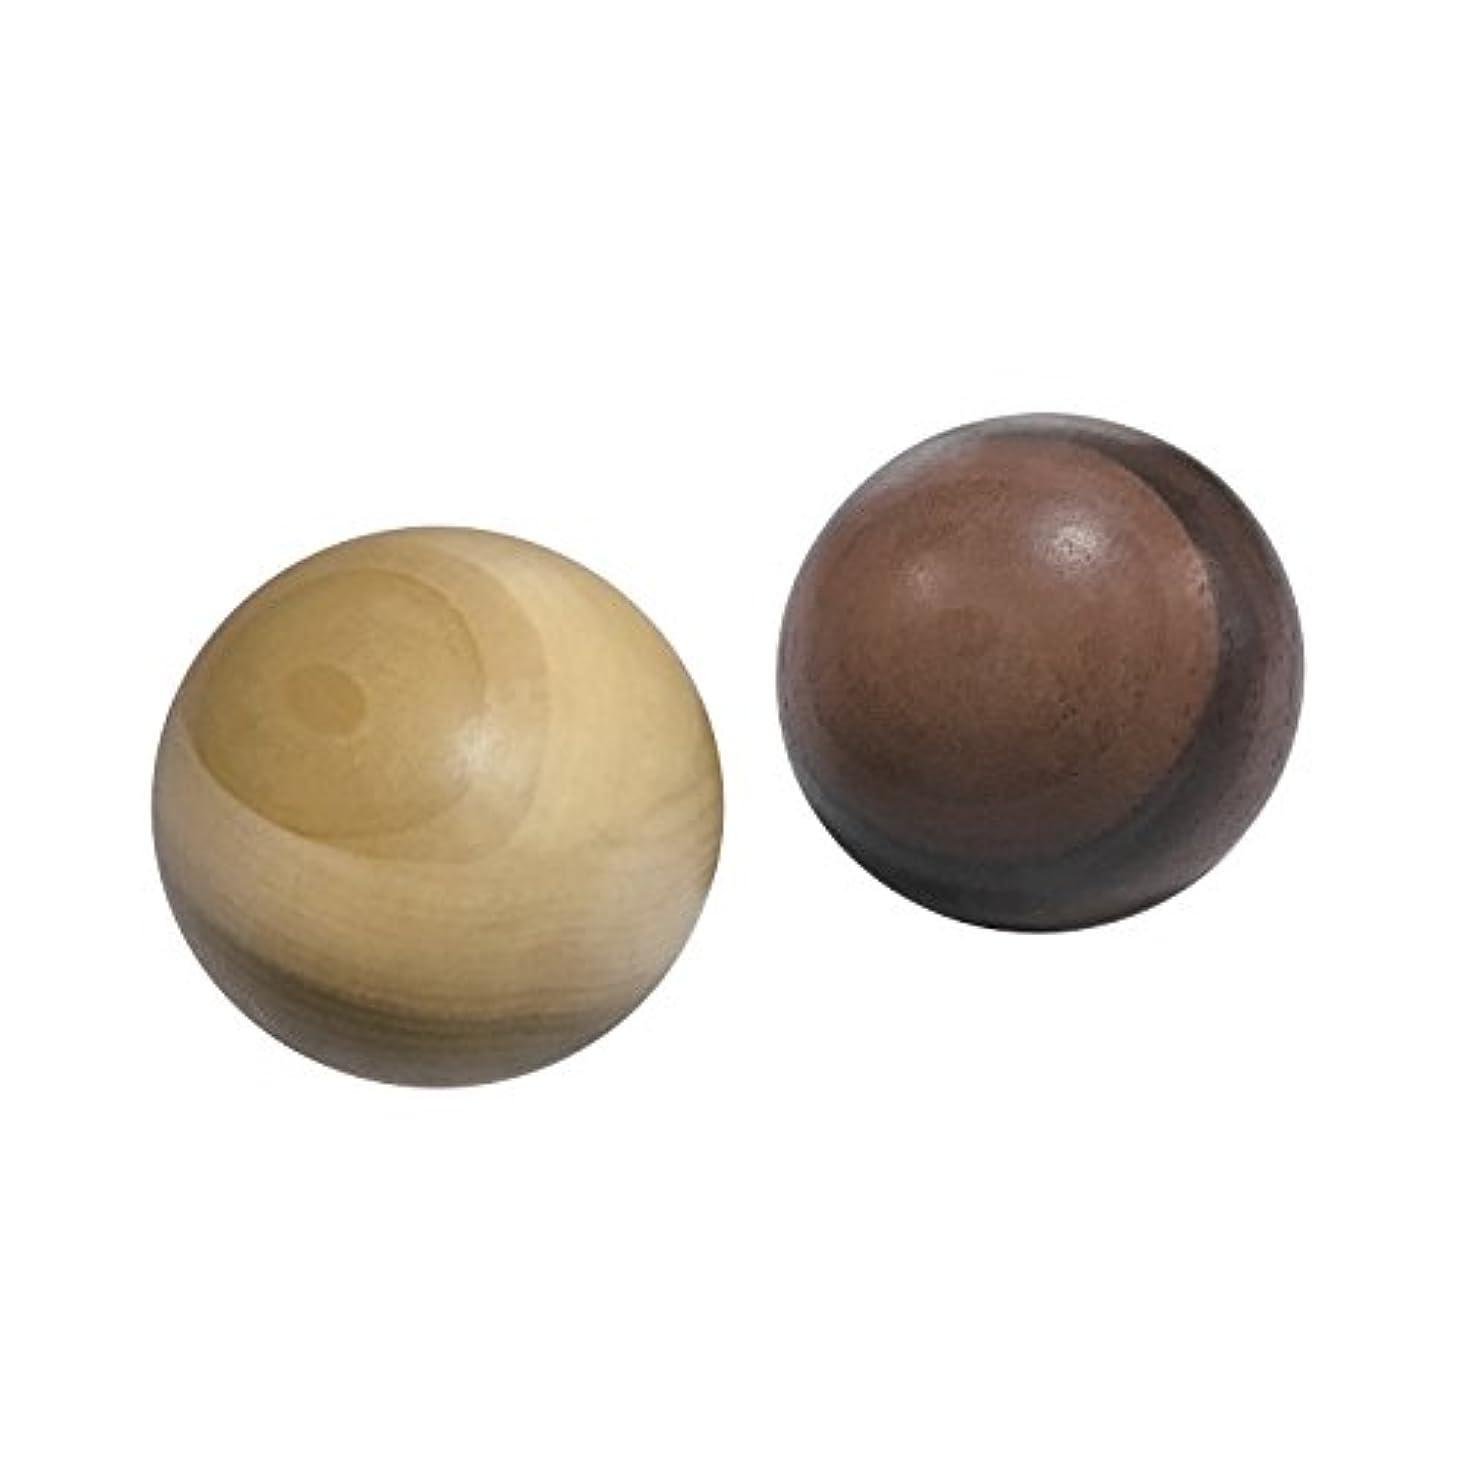 よろめく穀物さておきにぎコロ 2個セット 天然木 日本製 健康グッズ ツボ 癒やし (大(Φ46mm), ウォルナット&ポプラ)